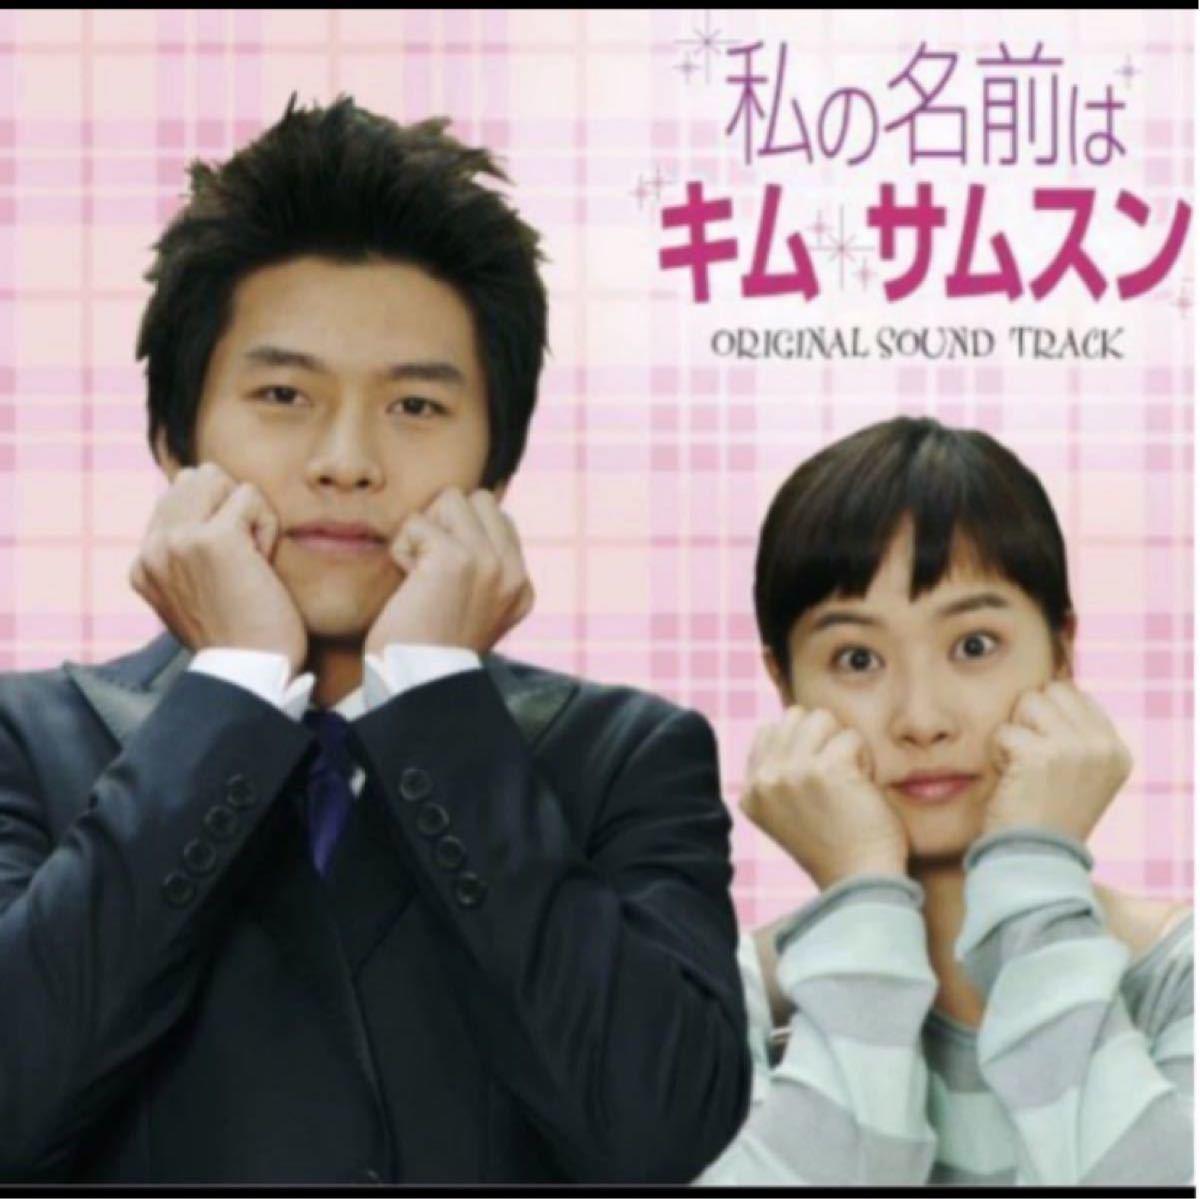 韓国ドラマ 私の名前はキムサムスン【Blu-ray】吹き替えあり